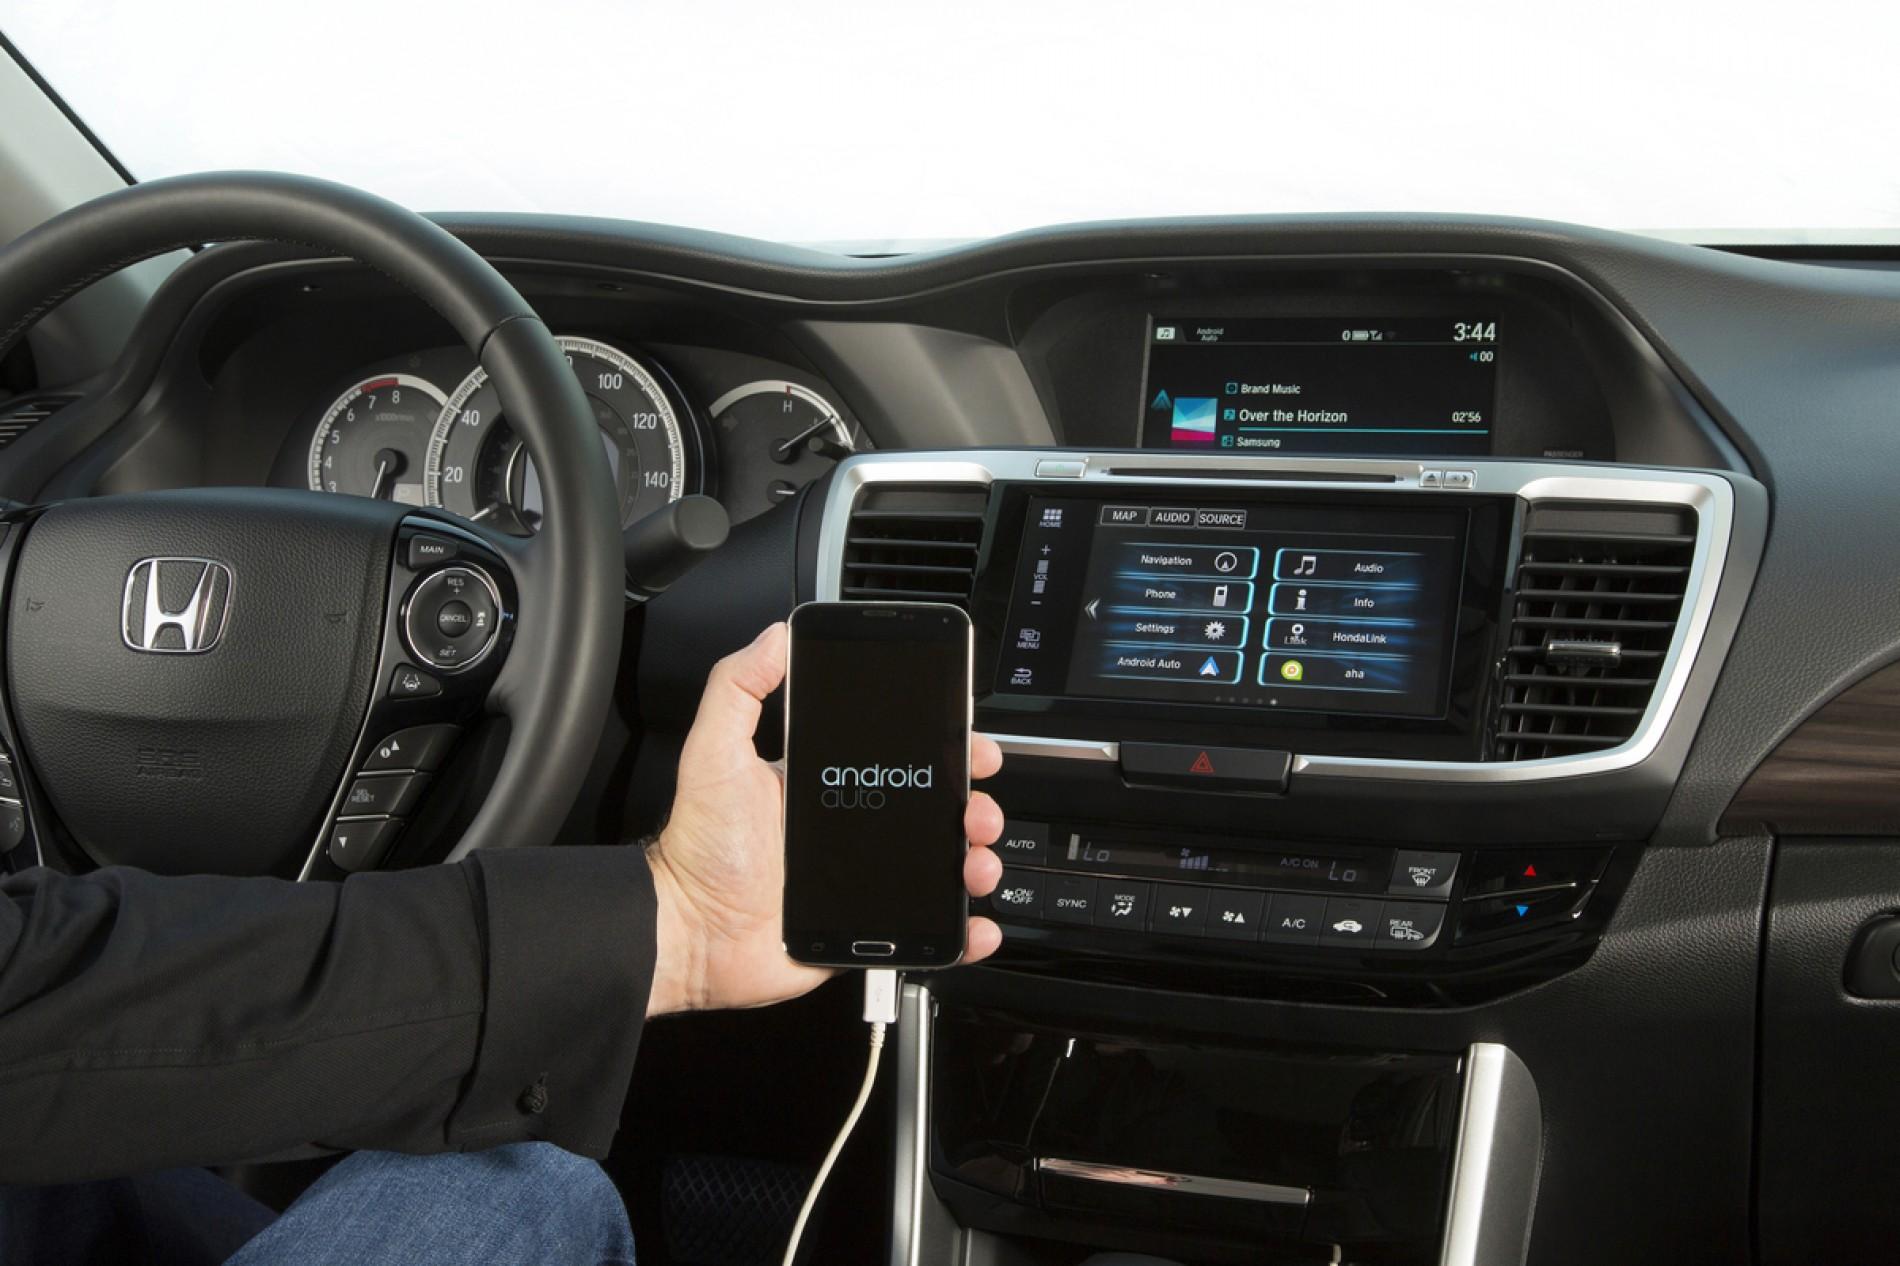 Uso de Android Auto en el Honda Accord 2016